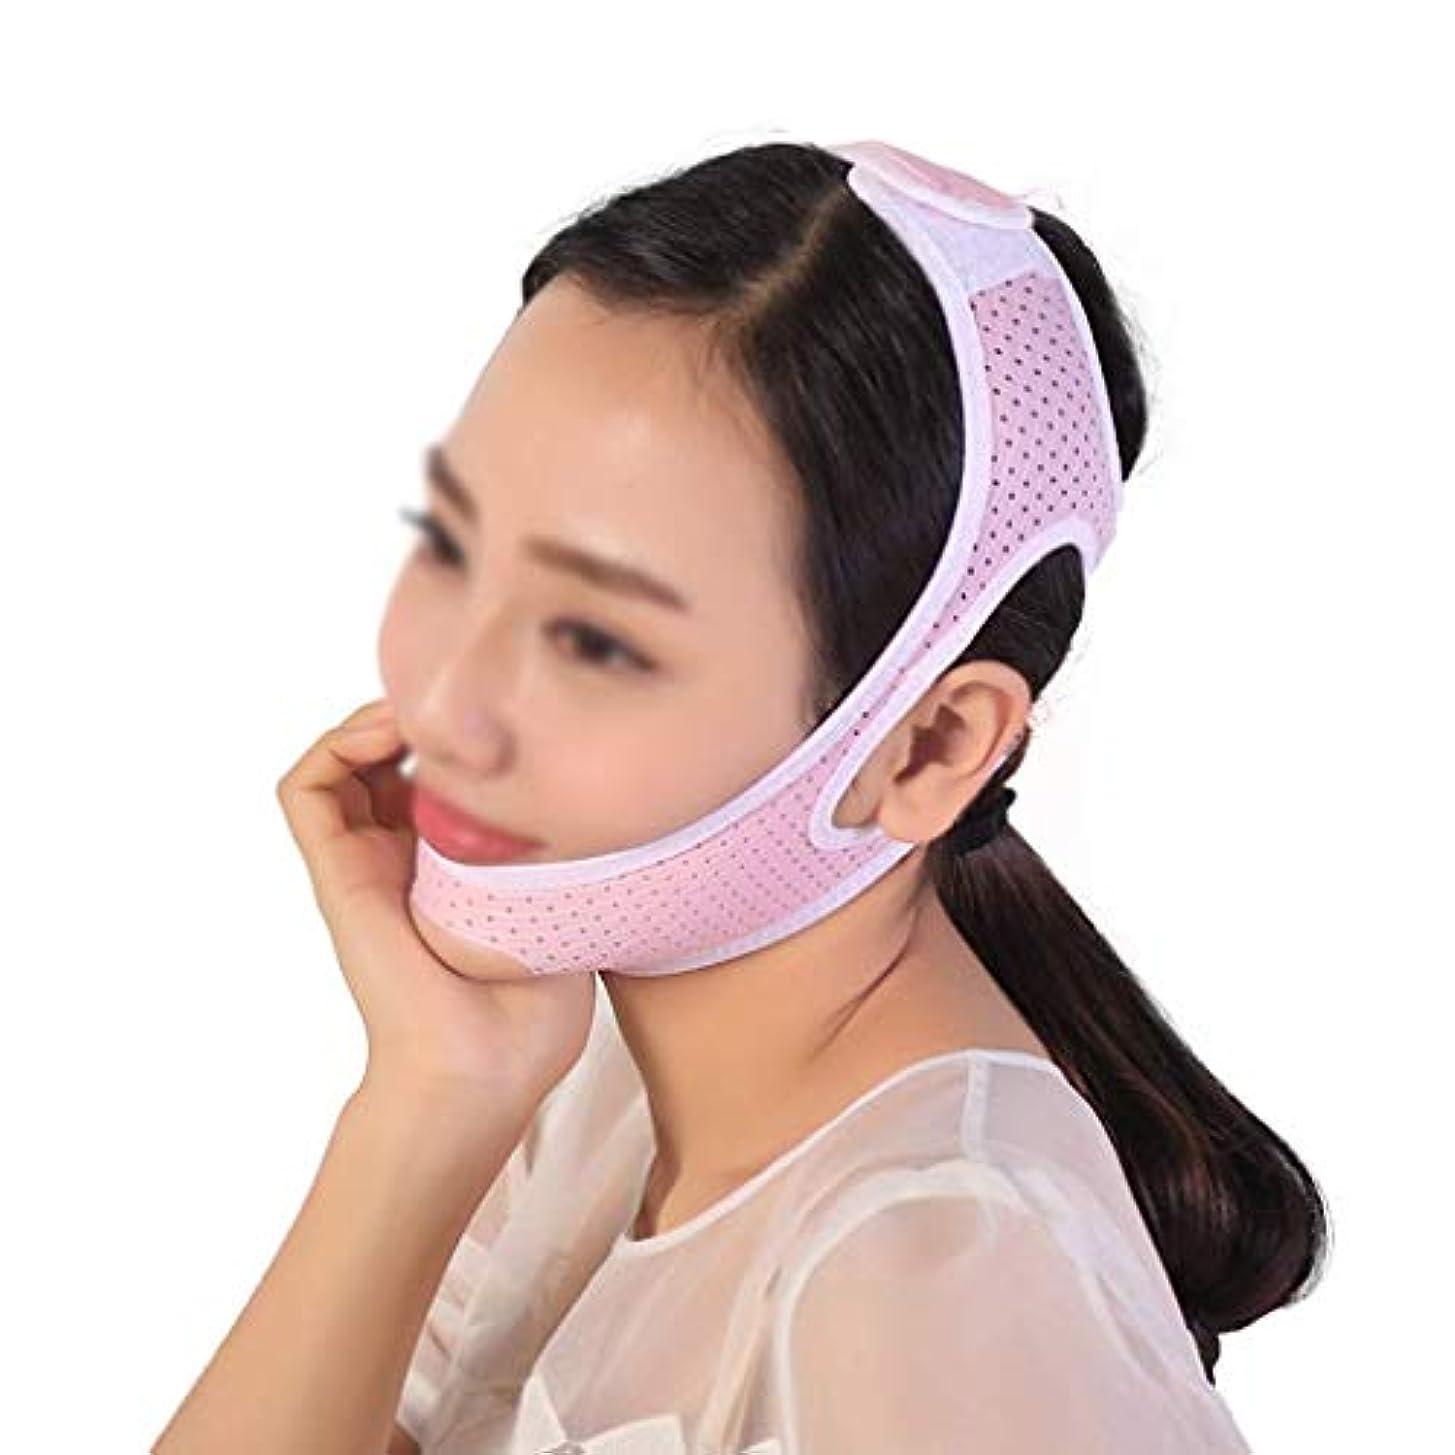 幸運なことに値下げ子孫フェイスリフトマスク、顔の皮膚の首のあごのラインを改善、リフトフェイス、細い頬マスク、細いチンチーク細いV(ピンク)(サイズ:M),M